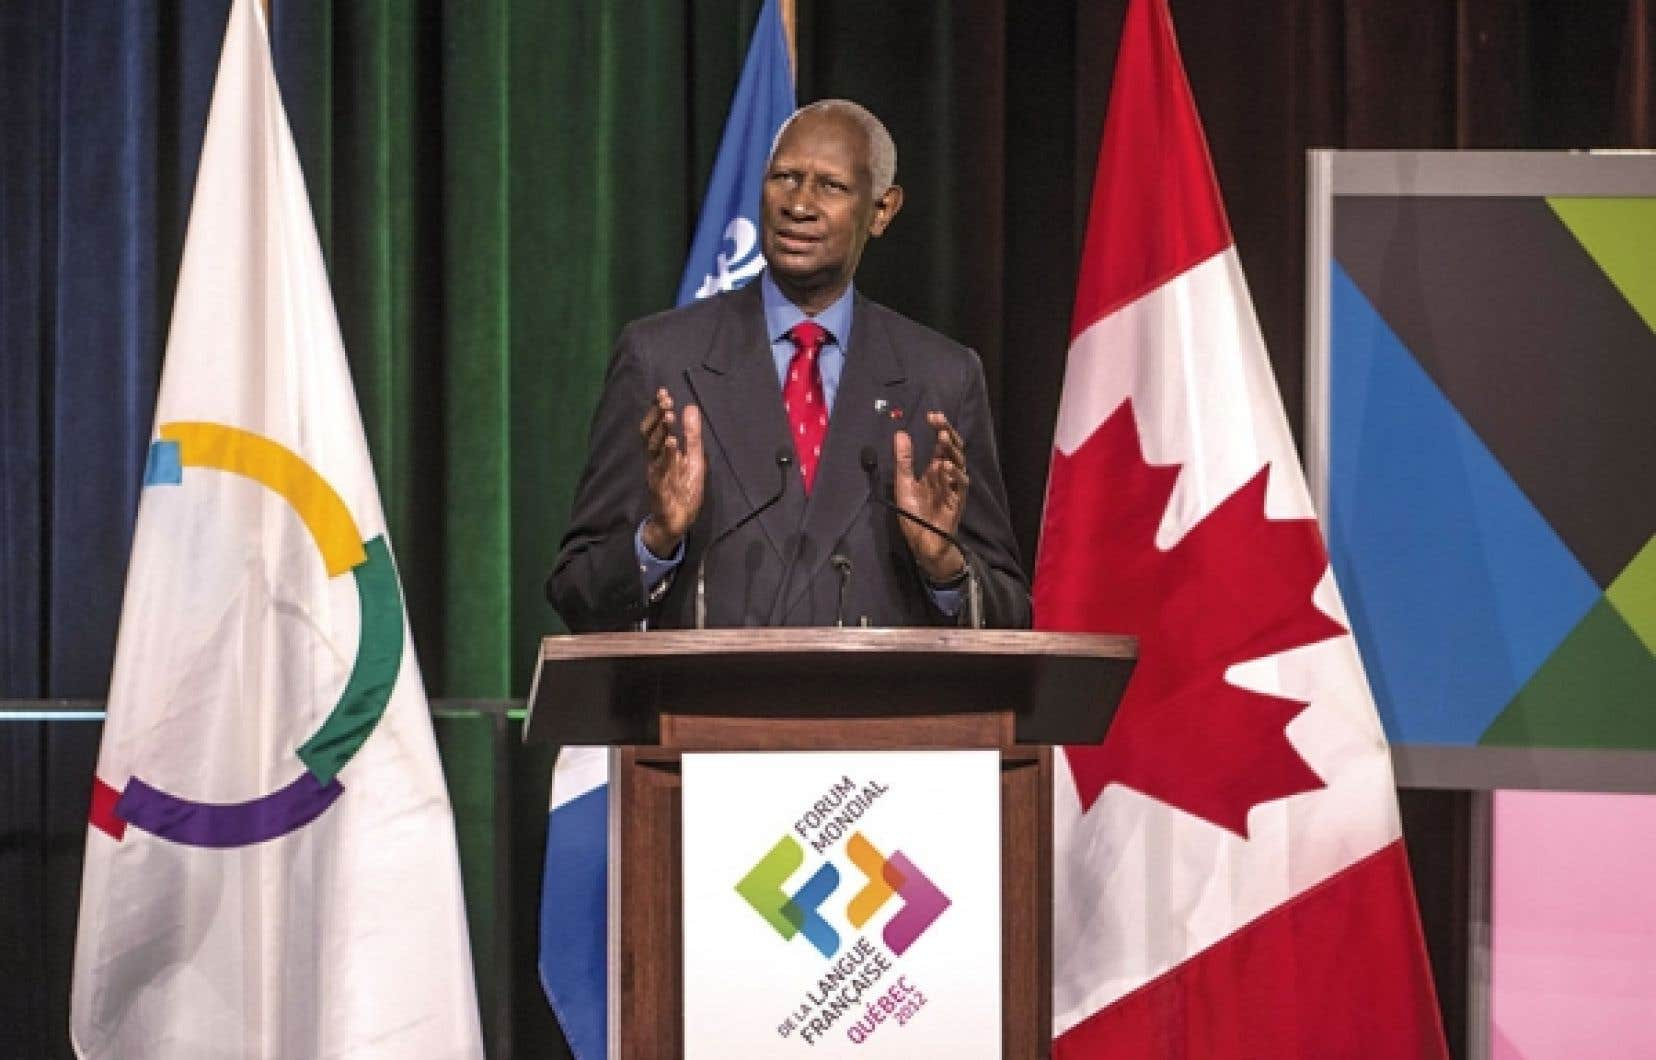 Le secrétaire général, Abdou Diouf, avait présenté un vade mecum résumant les règles à suivre par chaque pays.